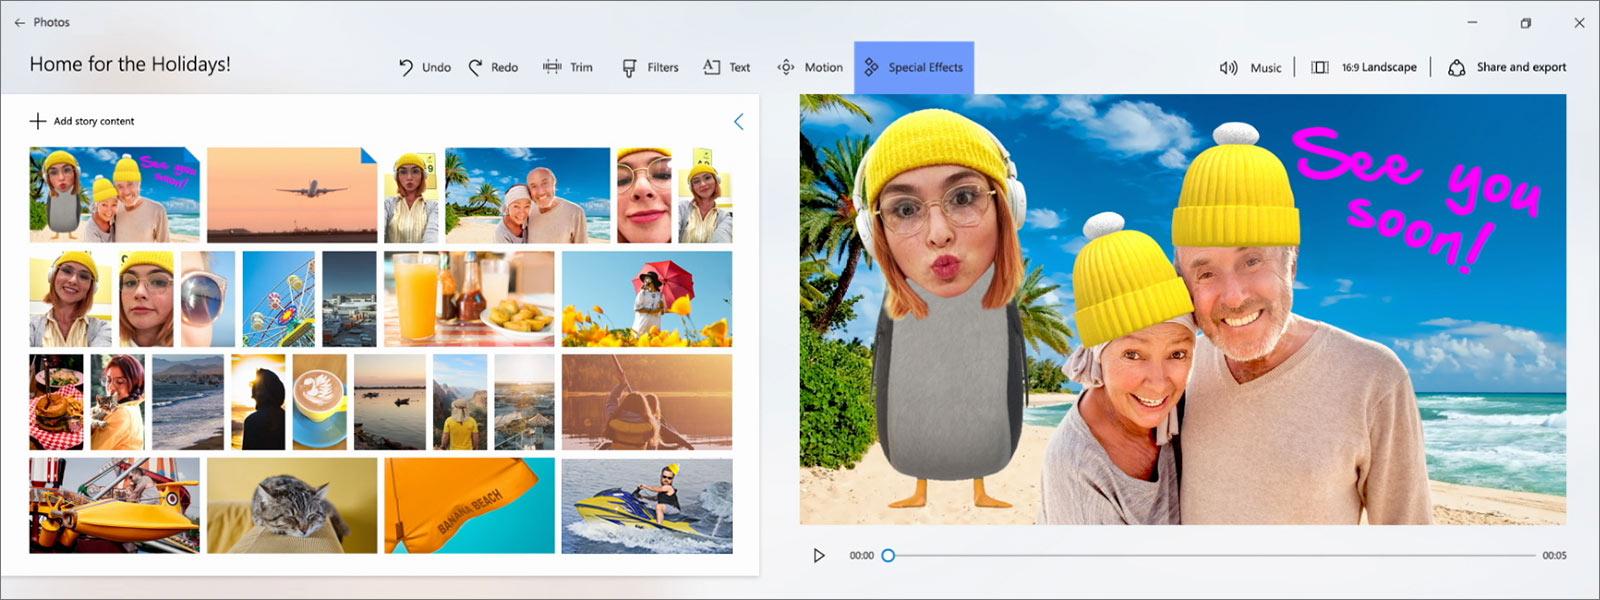 Aplicativo Fotos do Windows 10